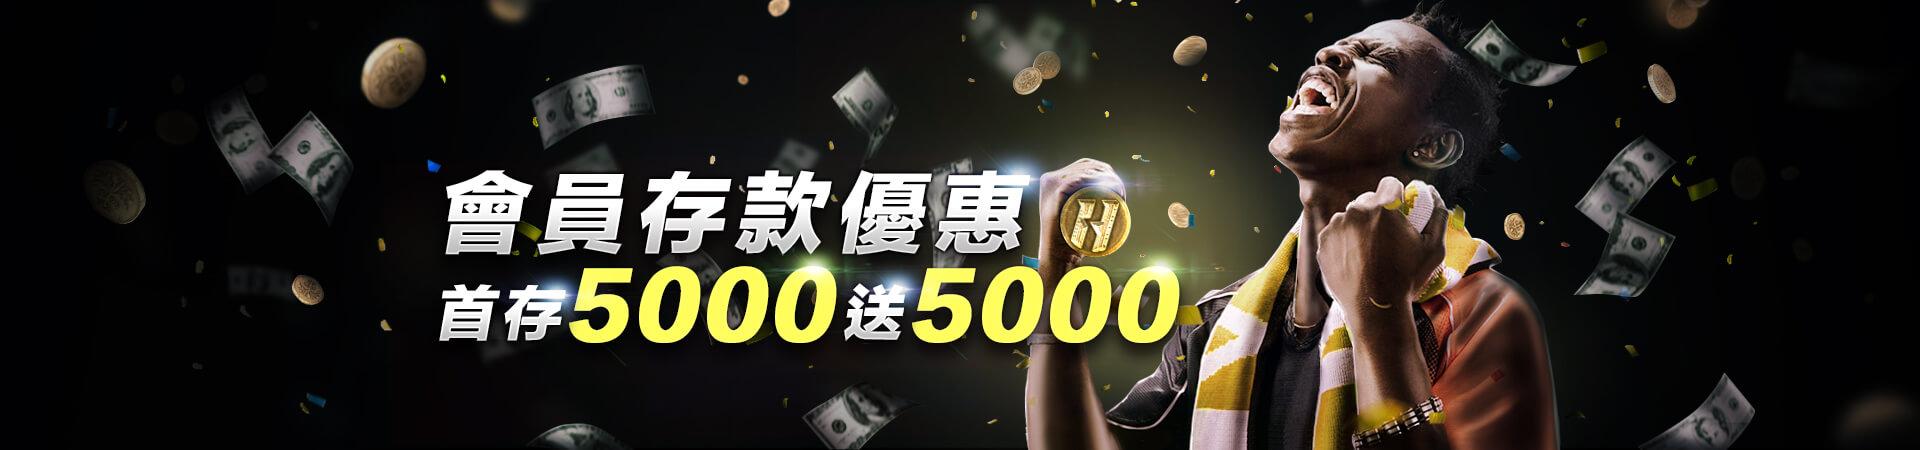 【娛樂城】HOYA娛樂城優惠-首存5000送5000、娛樂城推薦、娛樂城優惠,娛樂城體驗金